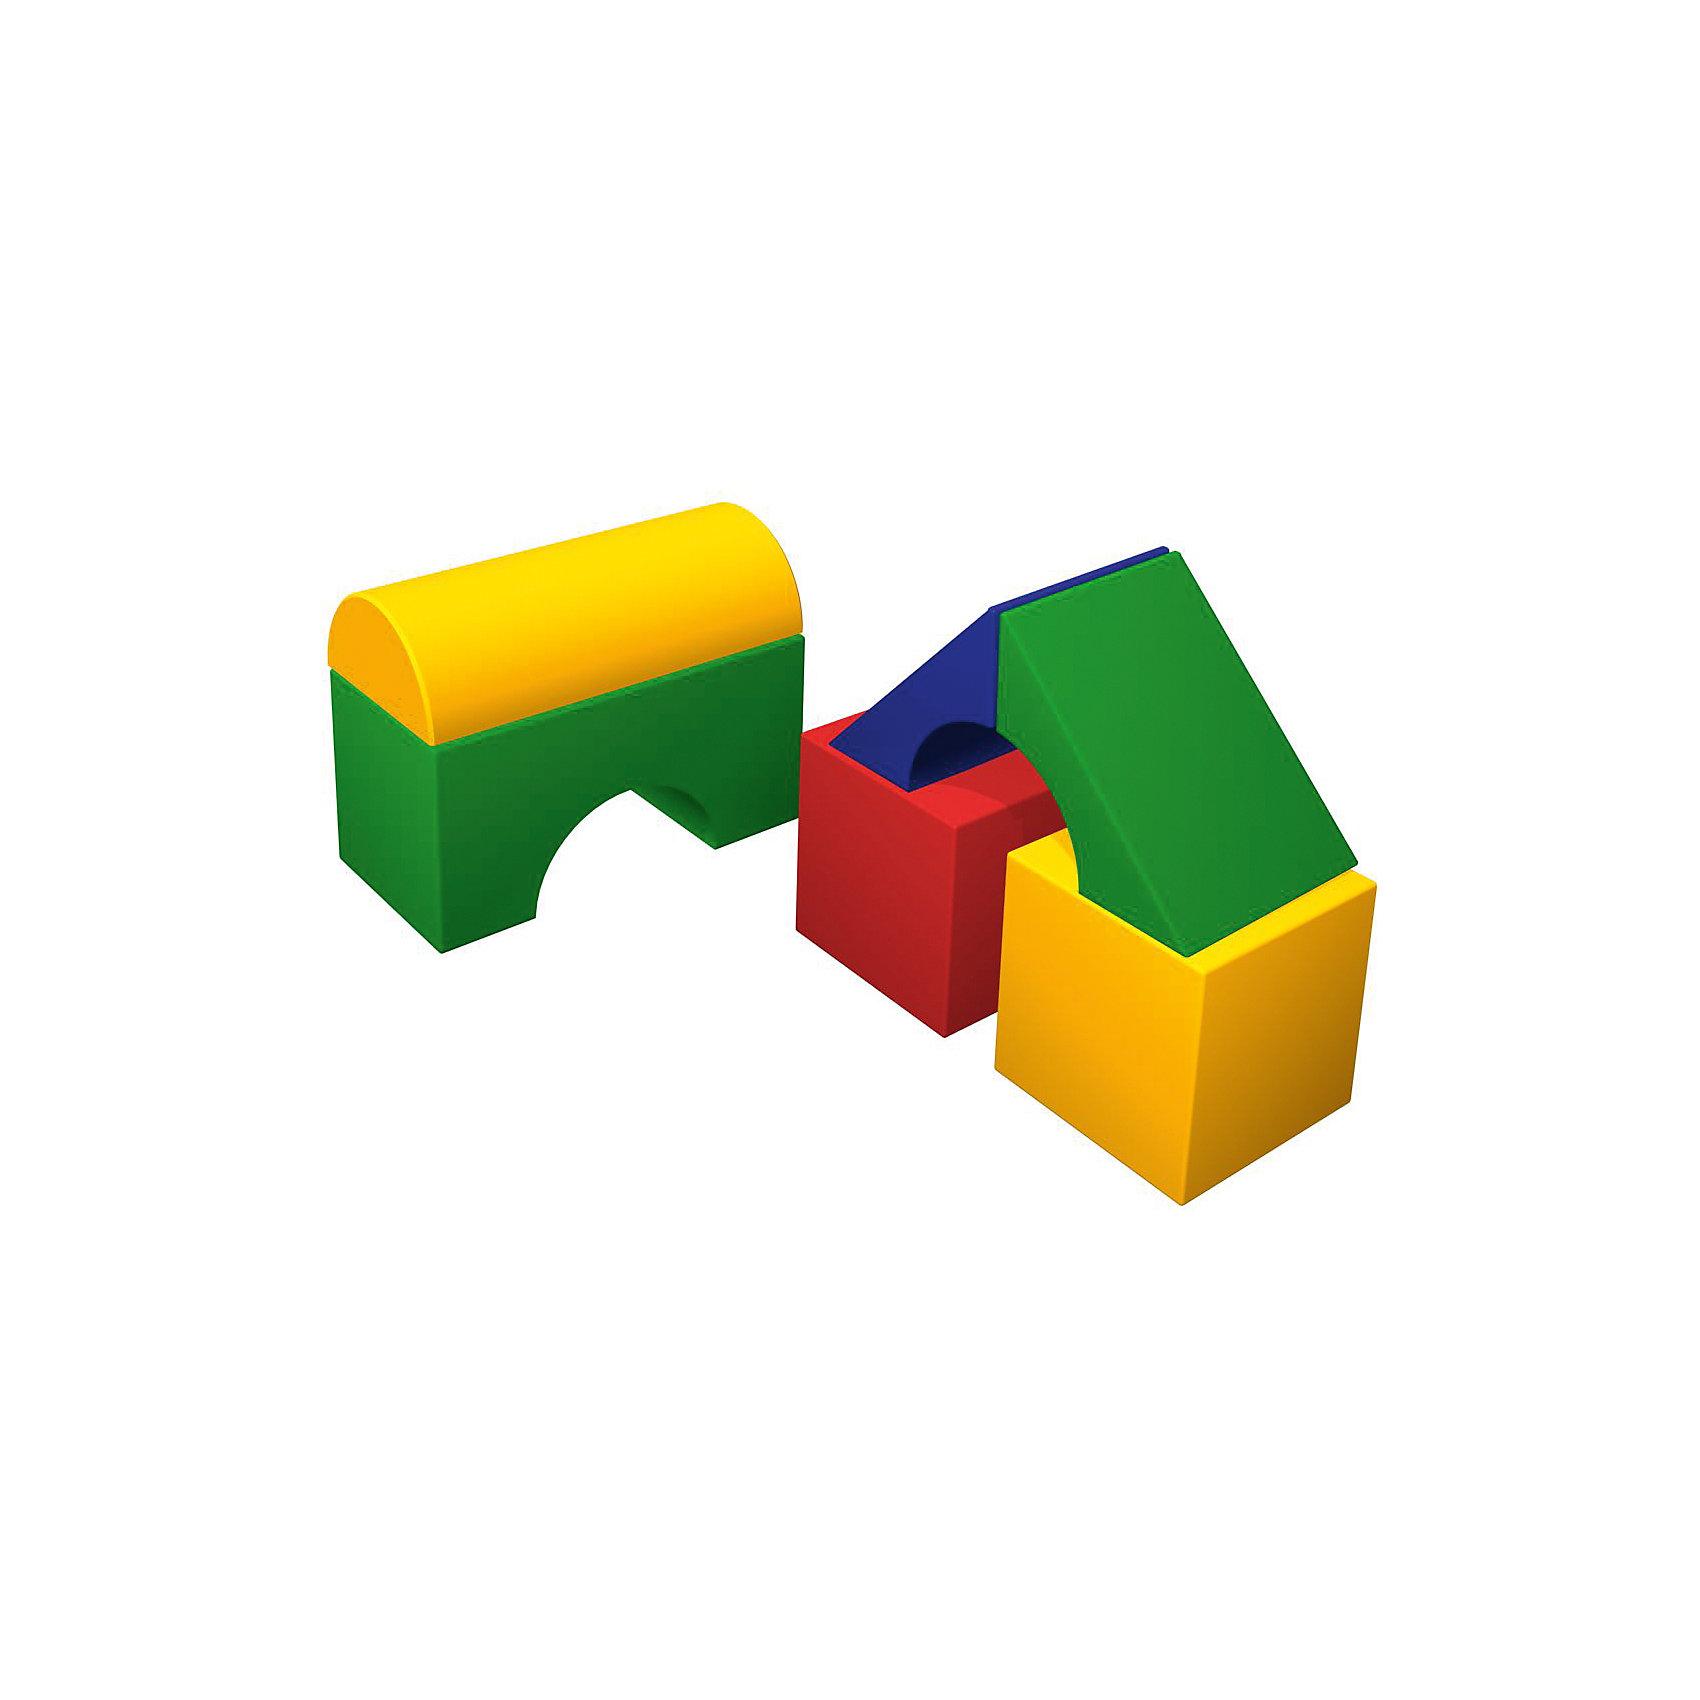 Мягкий конструктор Теремок мини, RomanaМебель<br>Характеристики:<br><br>• знакомит с формами, цветами и геометрическими фигурами;<br>• развивает фантазию, логическое мышление и моторику рук;<br>• в комплекте: 2 кубика, 2 маленьких моста, большой мост;<br>• размер кубика: 30х30х30 см;<br>• размер полуцилиндра: 60х30х15 см;<br>• размер большого моста: 60х30х30 см;<br>• размер маленького моста: 42,5х11,5х30 см;<br>• размер упаковки: 60х90х90 см;<br>• вес: 6000 грамм.<br><br>Теремок мини - мягкий конструктор для развивающих игр. В комплект входят два кубика, два маленьких моста, большой мост и полуцилиндр. Ребенок сможет проявить фантазию и построить интересное сооружение или башню. <br><br>Игра с мягким конструктором способствует развитию моторики рук, фантазии, пространственного и логического мышления. Теремок мини познакомит ребенка с геометрическими фигурами, цветами, формами и размерами. <br><br>Конструктор легко очищается от загрязнений при необходимости. Игрушку можно использовать дома или в детских учреждениях.<br><br>Мягкий конструктор Теремок мини, Romana (Романа) вы можете купить в нашем интернет-магазине.<br><br>Ширина мм: 900<br>Глубина мм: 900<br>Высота мм: 600<br>Вес г: 6000<br>Возраст от месяцев: 36<br>Возраст до месяцев: 60<br>Пол: Унисекс<br>Возраст: Детский<br>SKU: 6742457